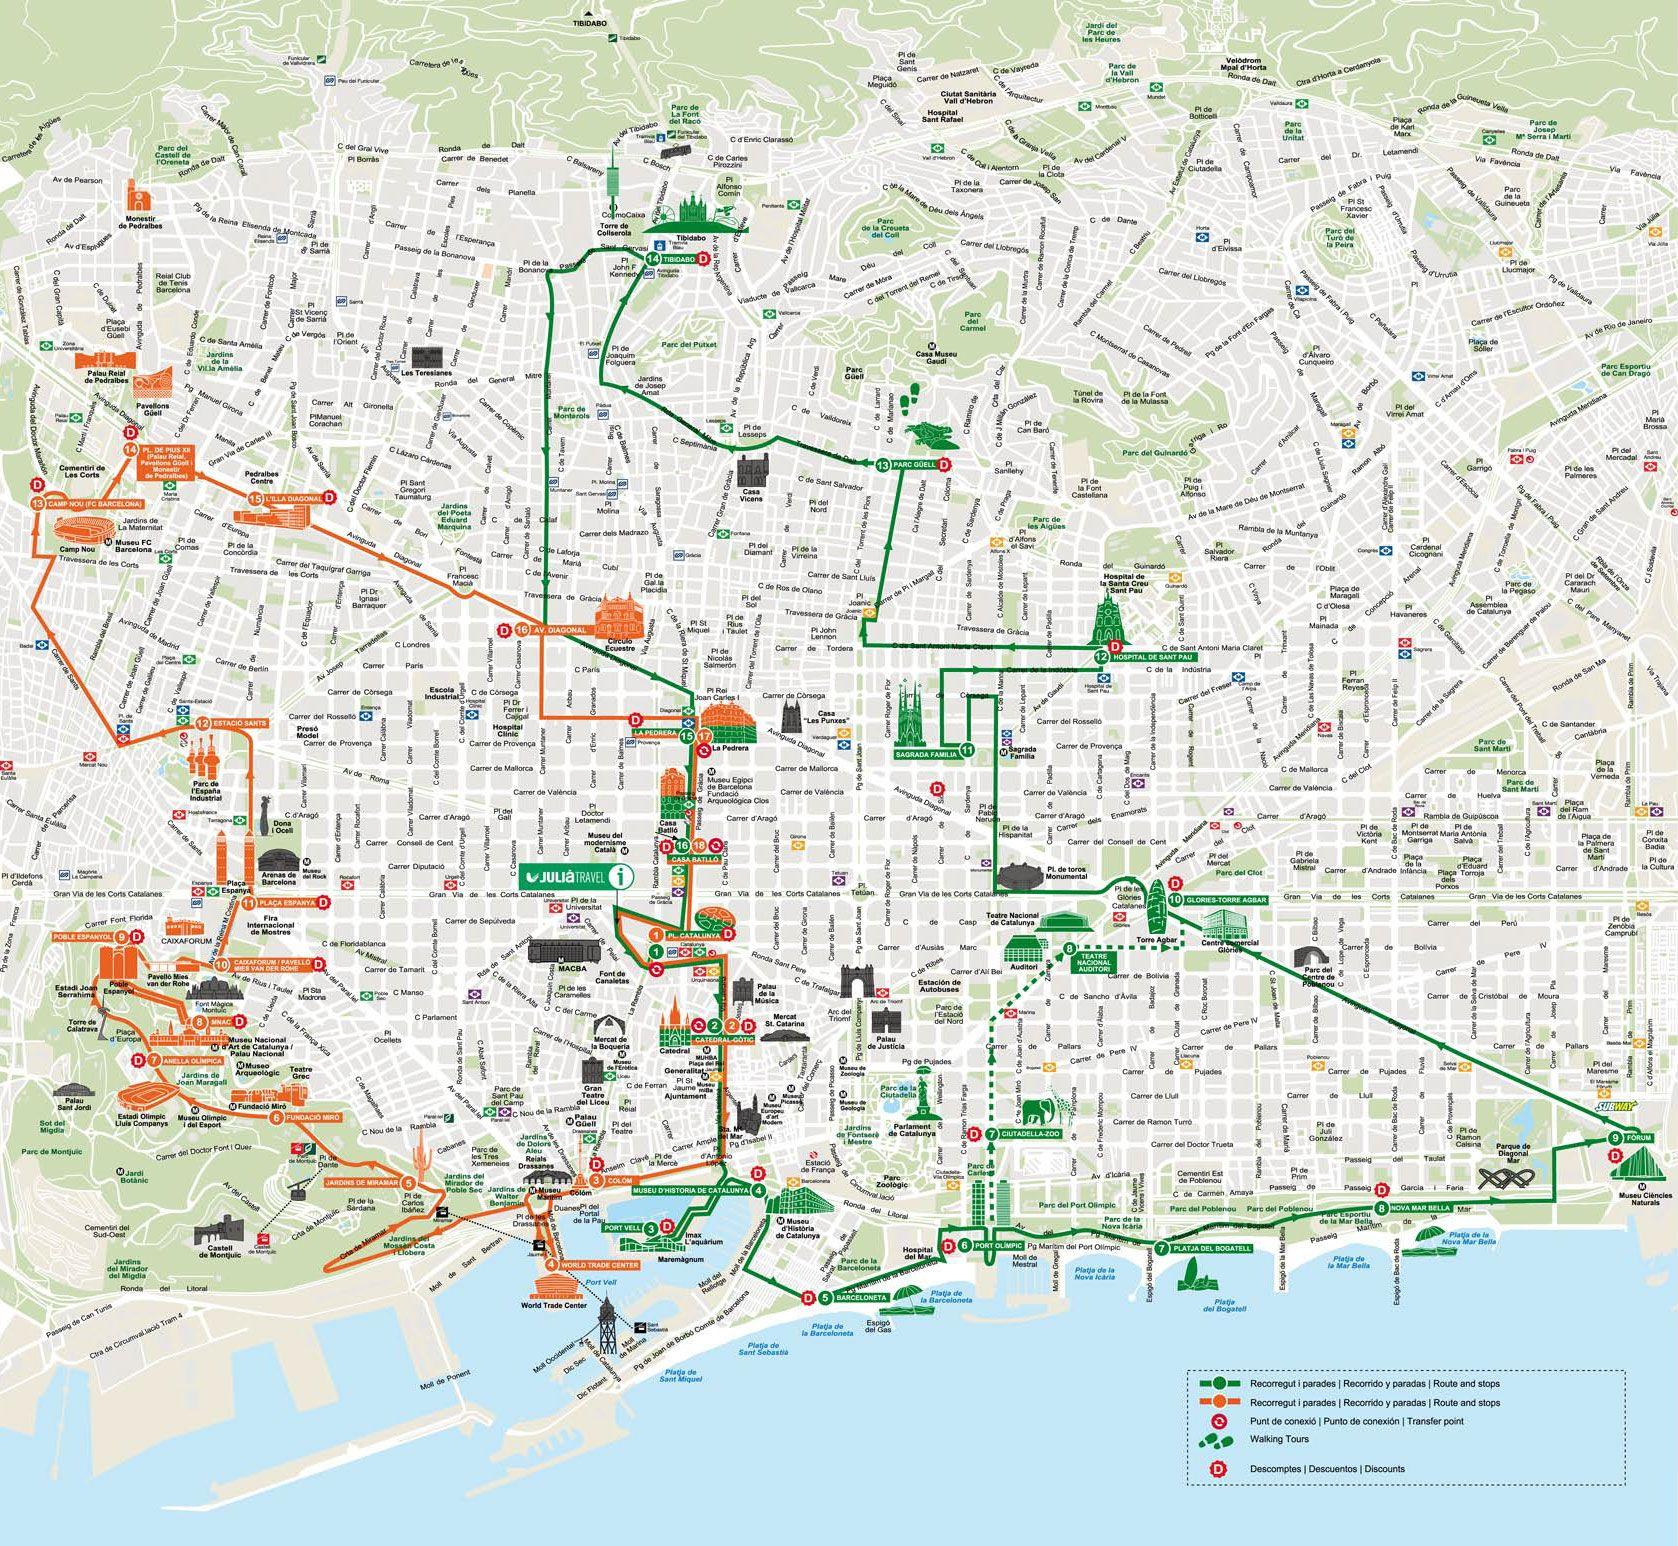 Touristischen Karte Von Barcelona Sehenswurdigkeiten Und Touren Barcelona Karten Touren